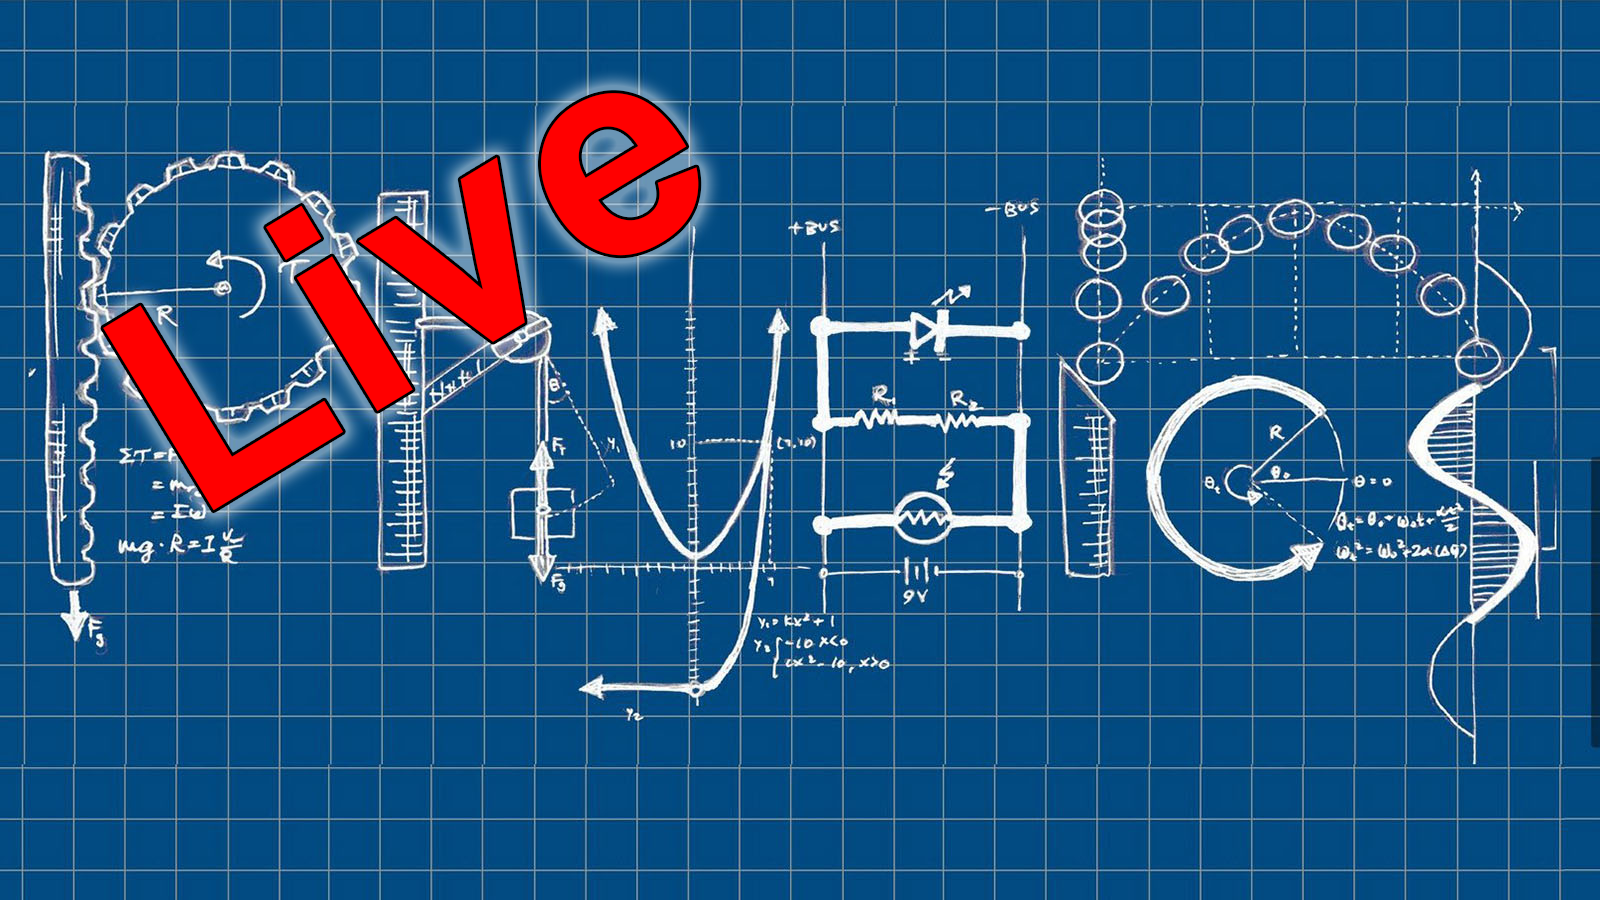 Live Επιστημονικό Συμπόσιο Φυσική και Κοινωνία 23 Ιανουαρίου 2021